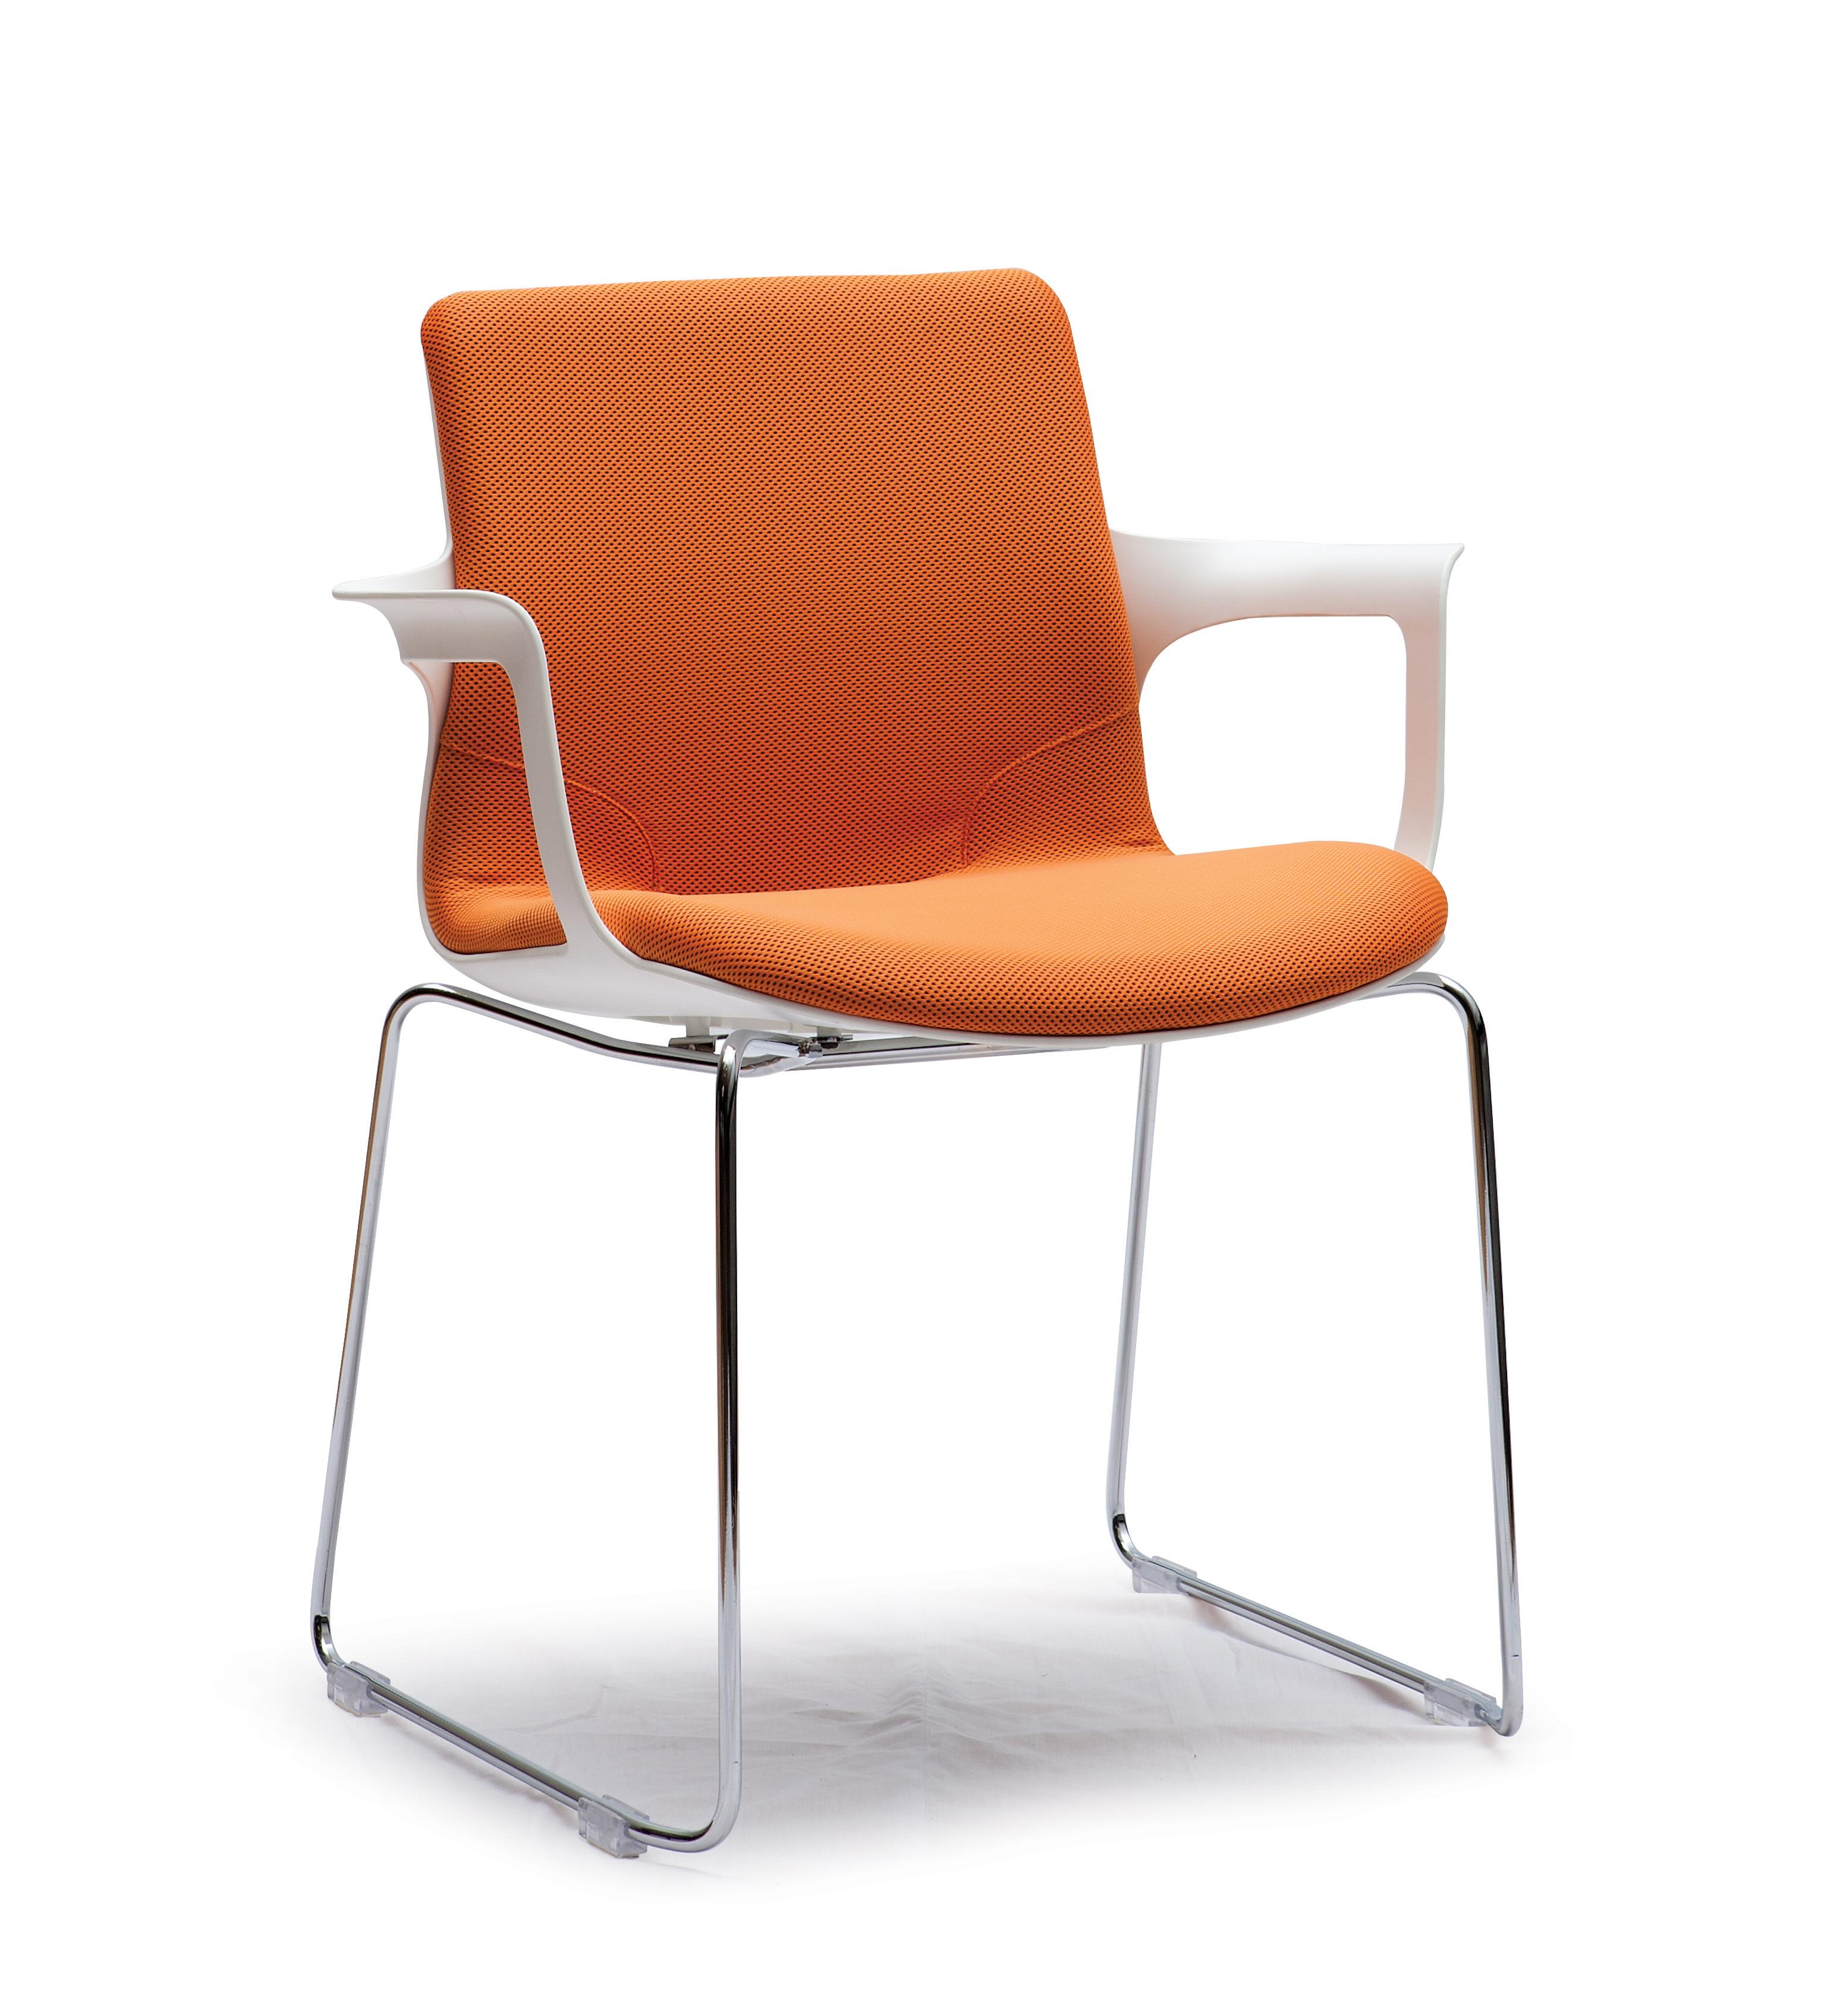 Sidiz EGA Sled Base Chair